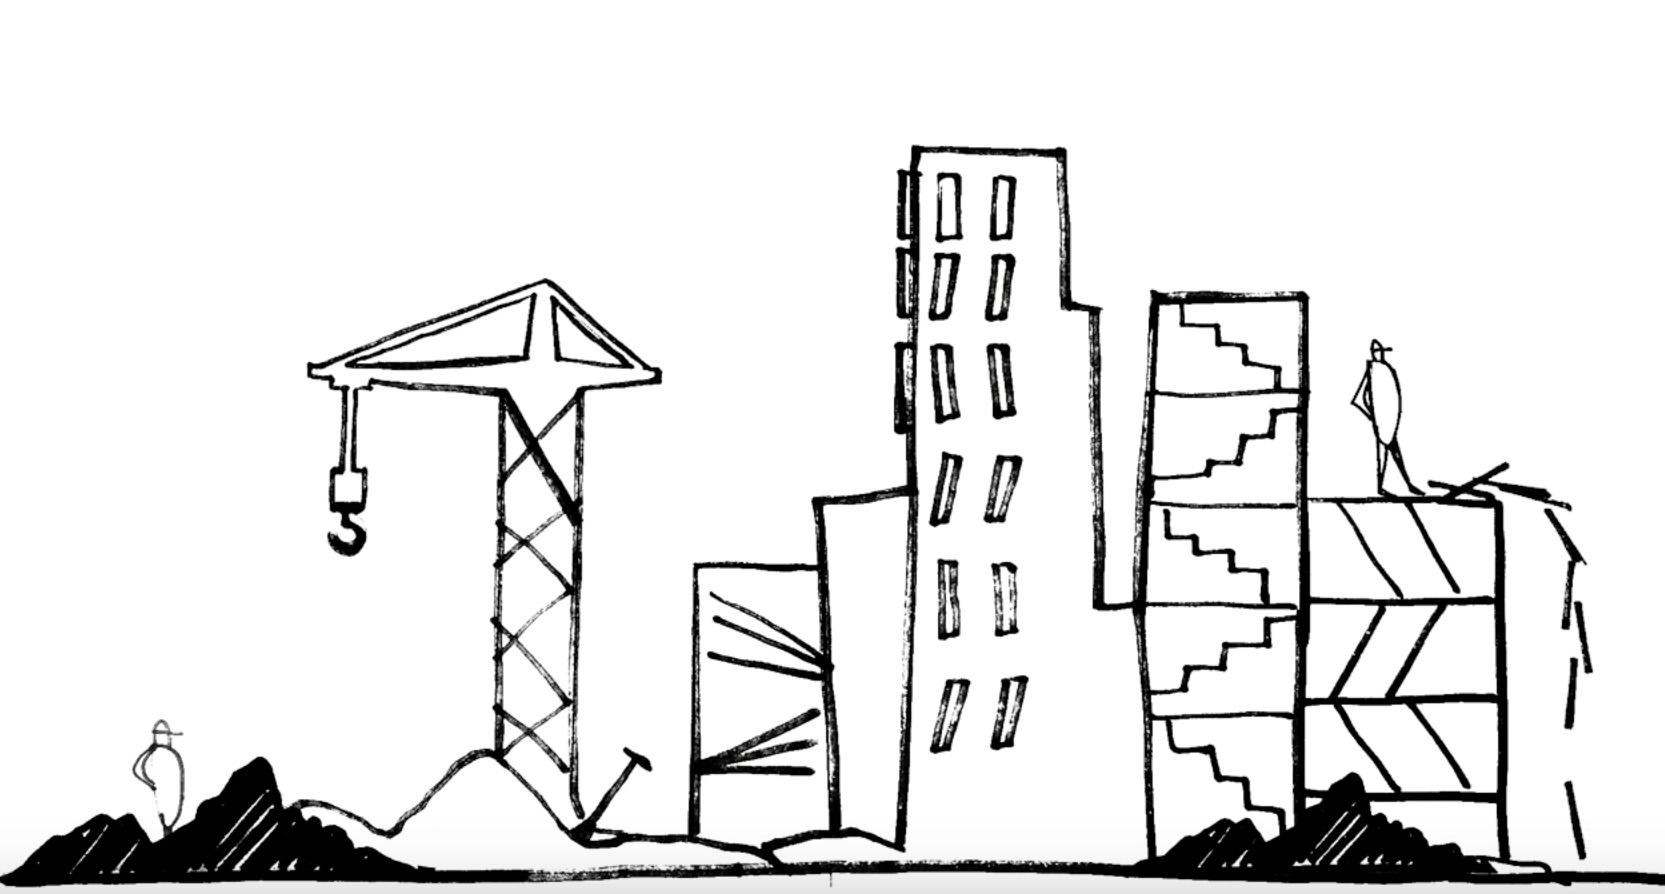 Rakennusalan työntekijäkokemus on rikki